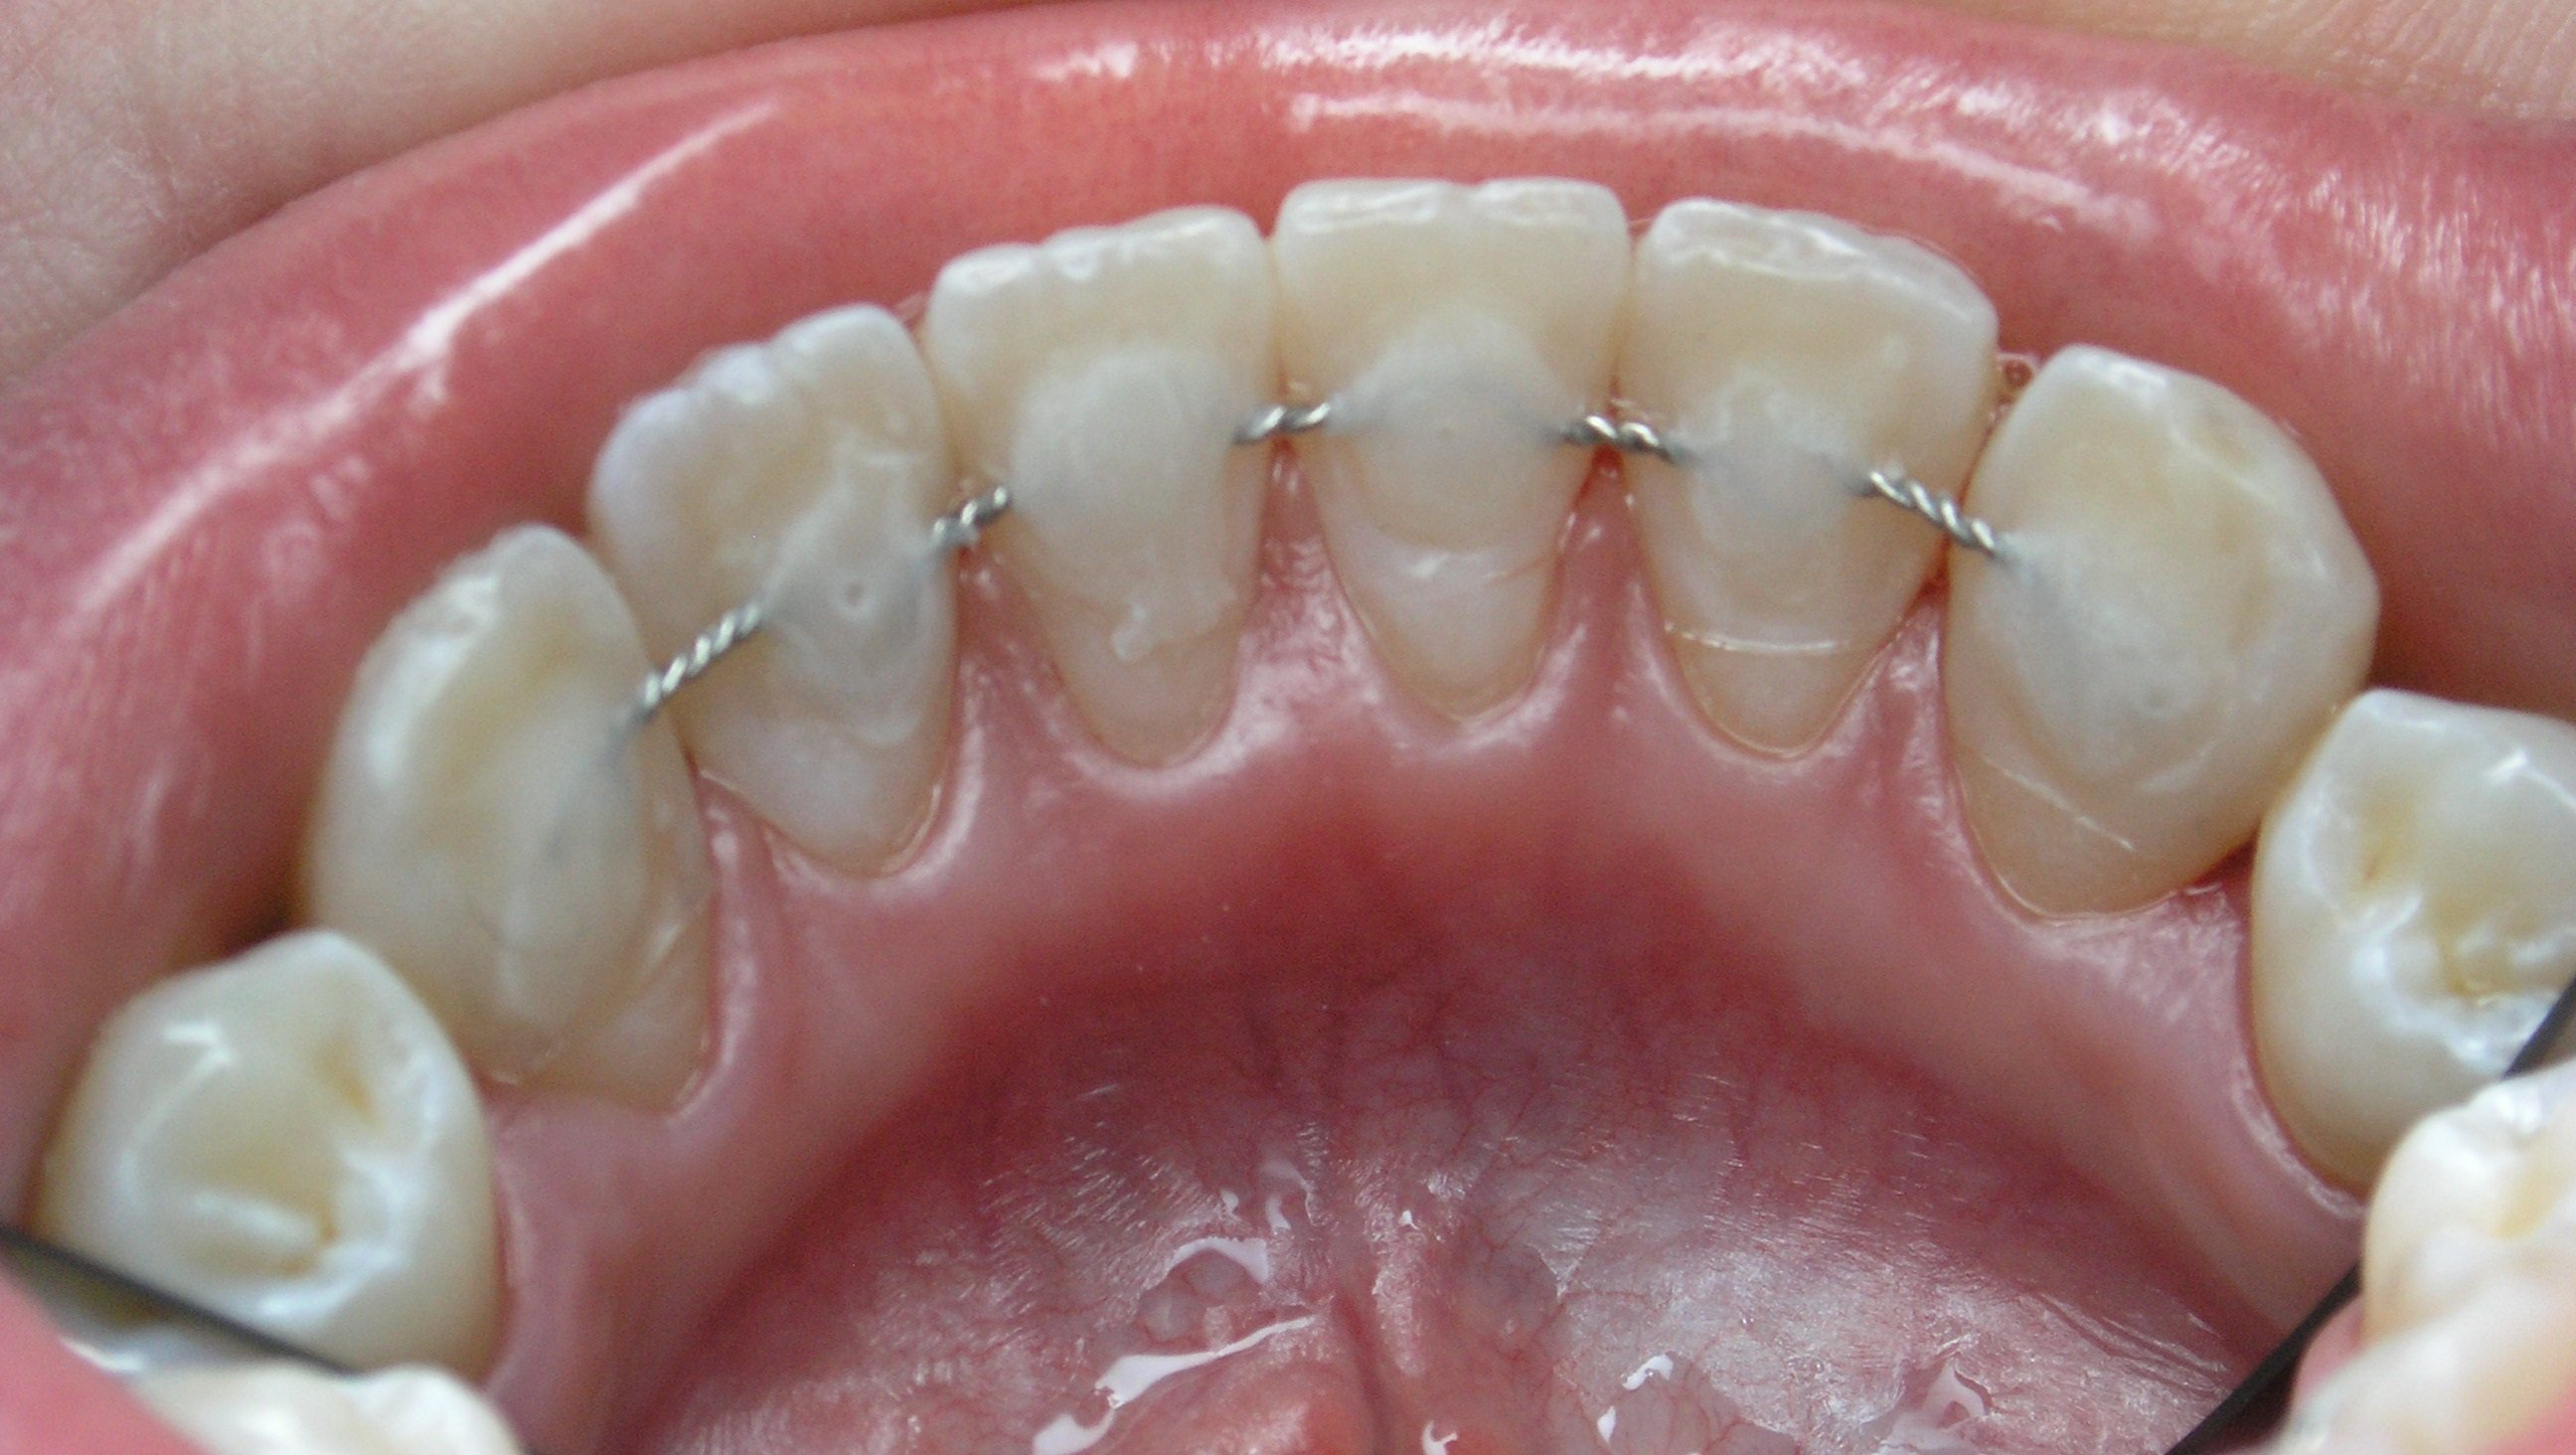 Шинирование — это стоматологическая процедура, во время которой подвижные зубы скрепляются между собой.